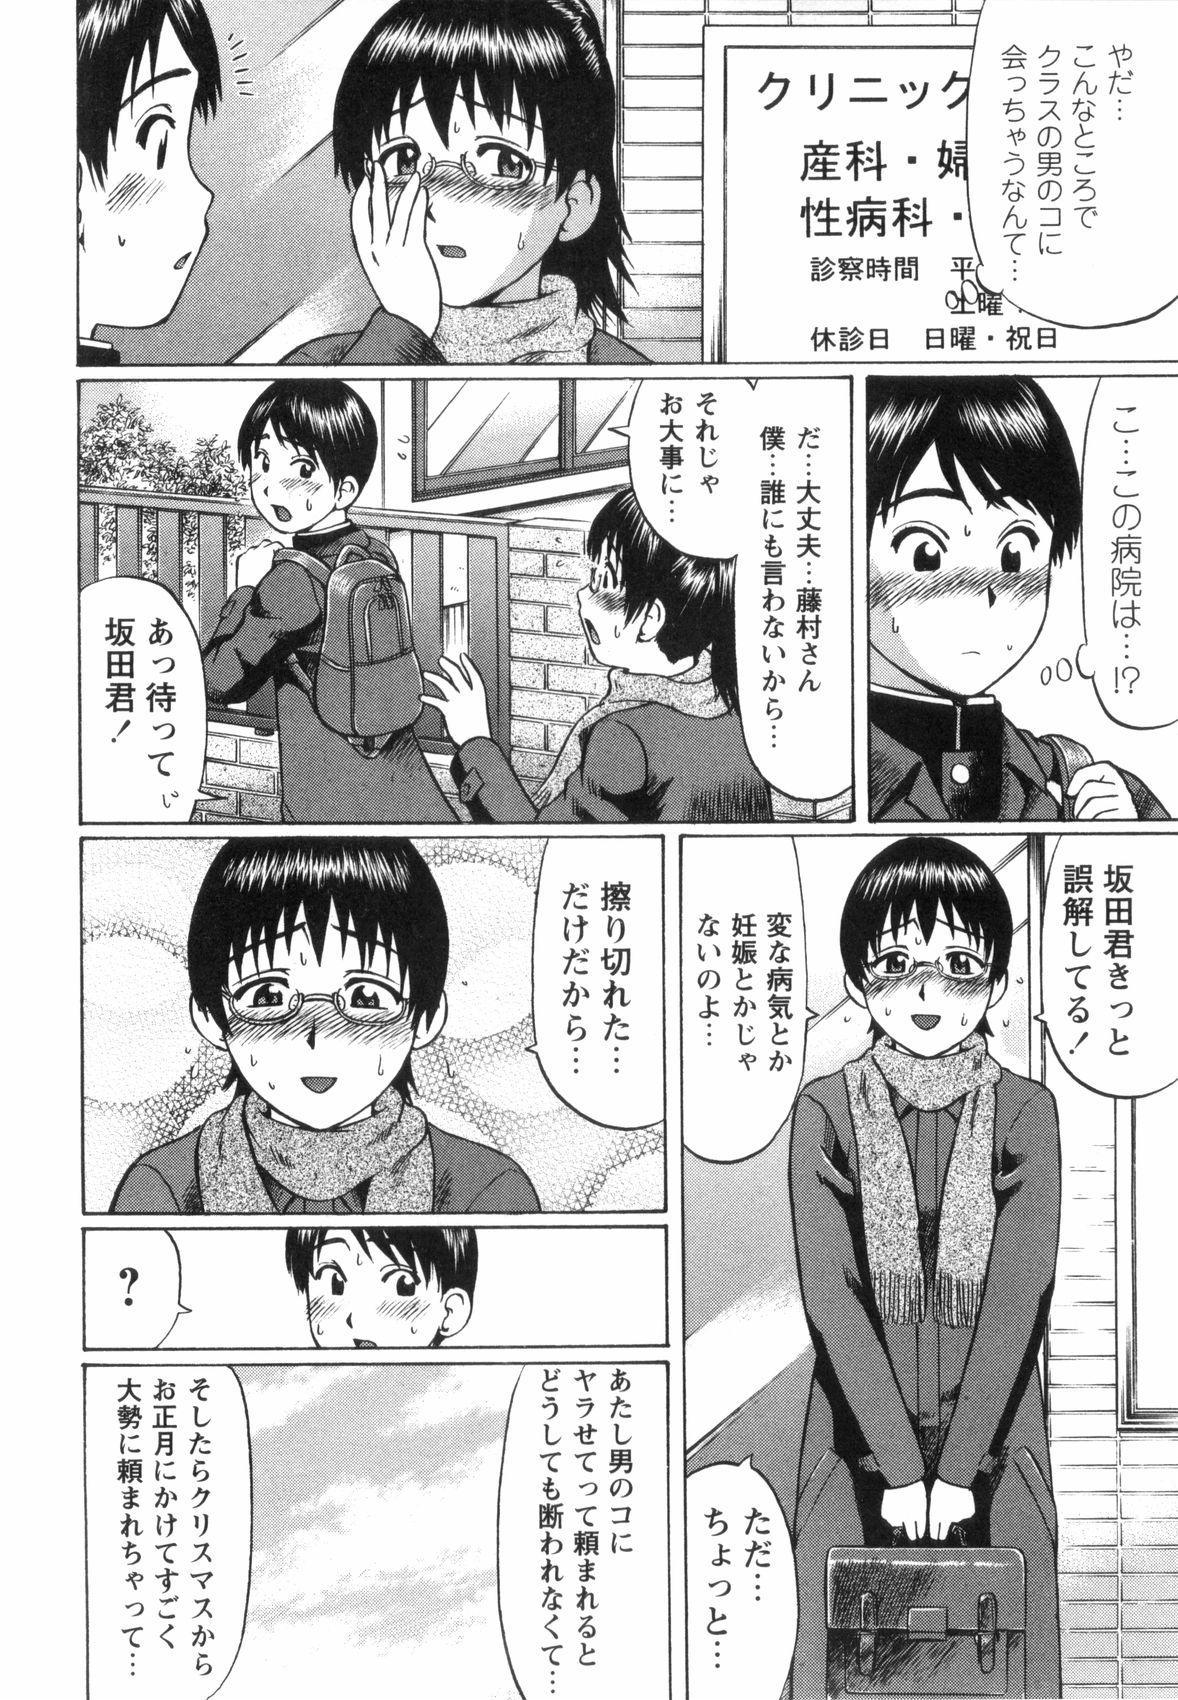 Doutei Yuugi 20